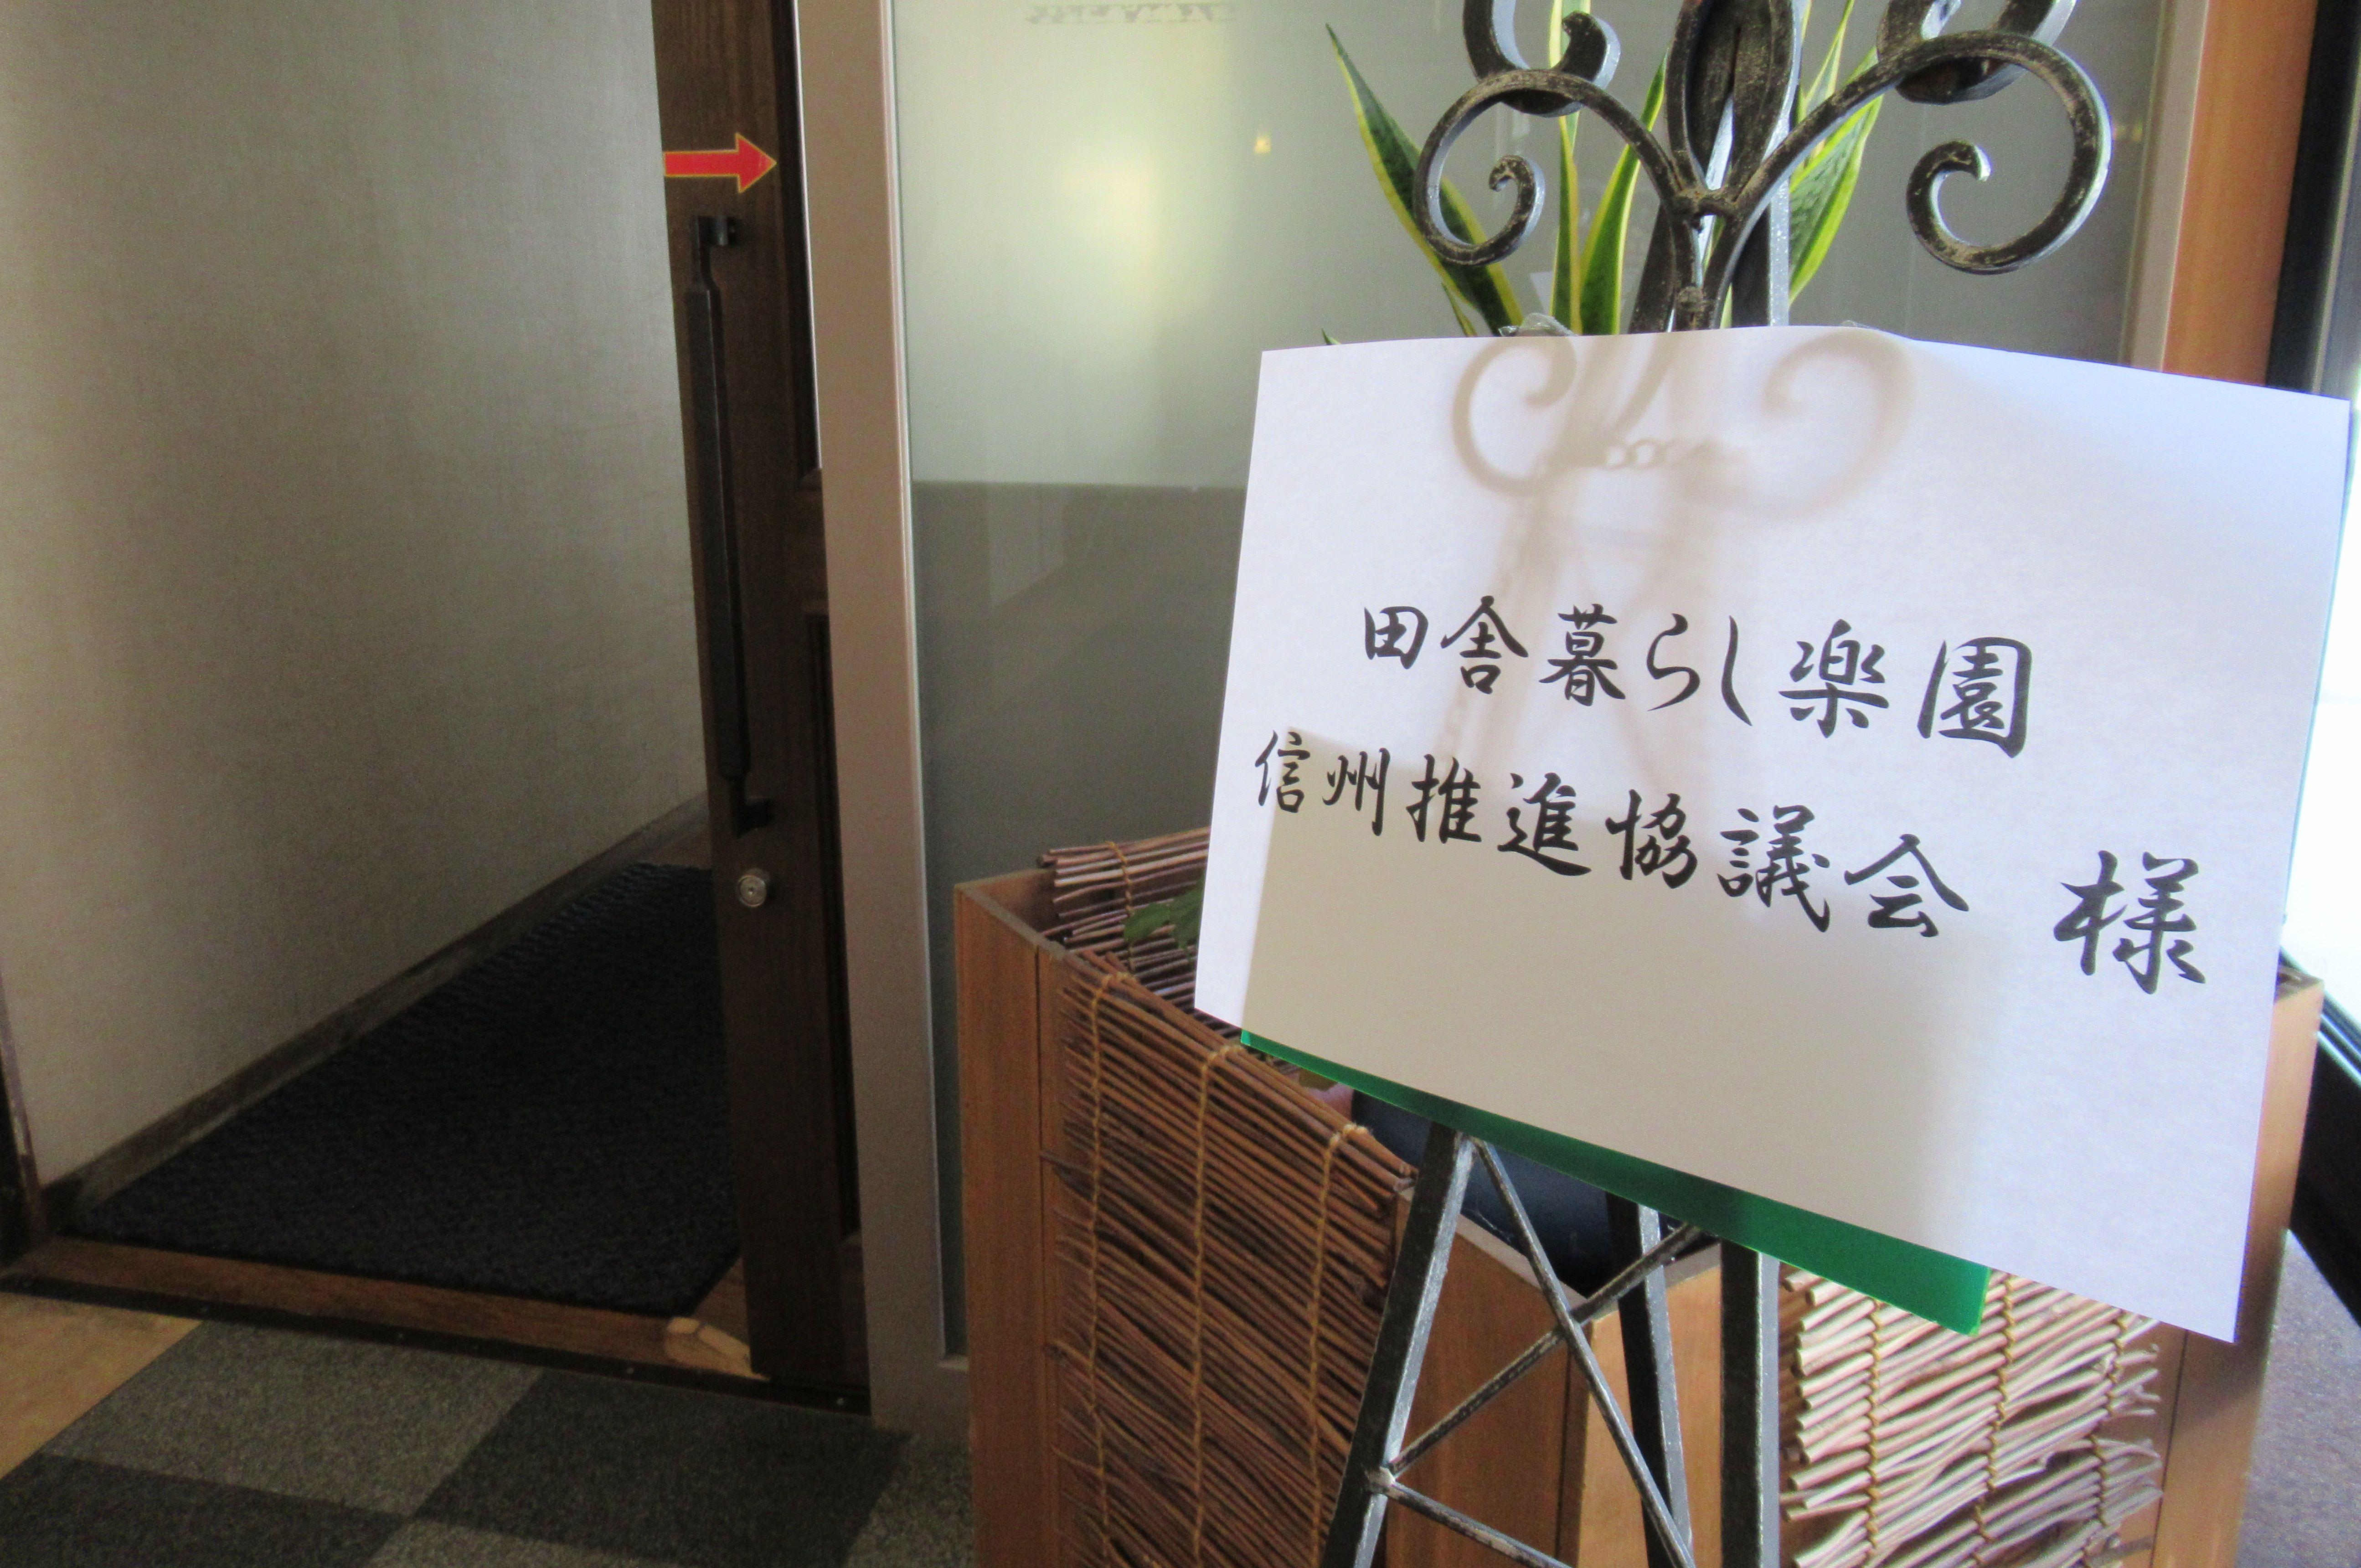 楽園信州 大人の移住者交流会(須坂市) の画像